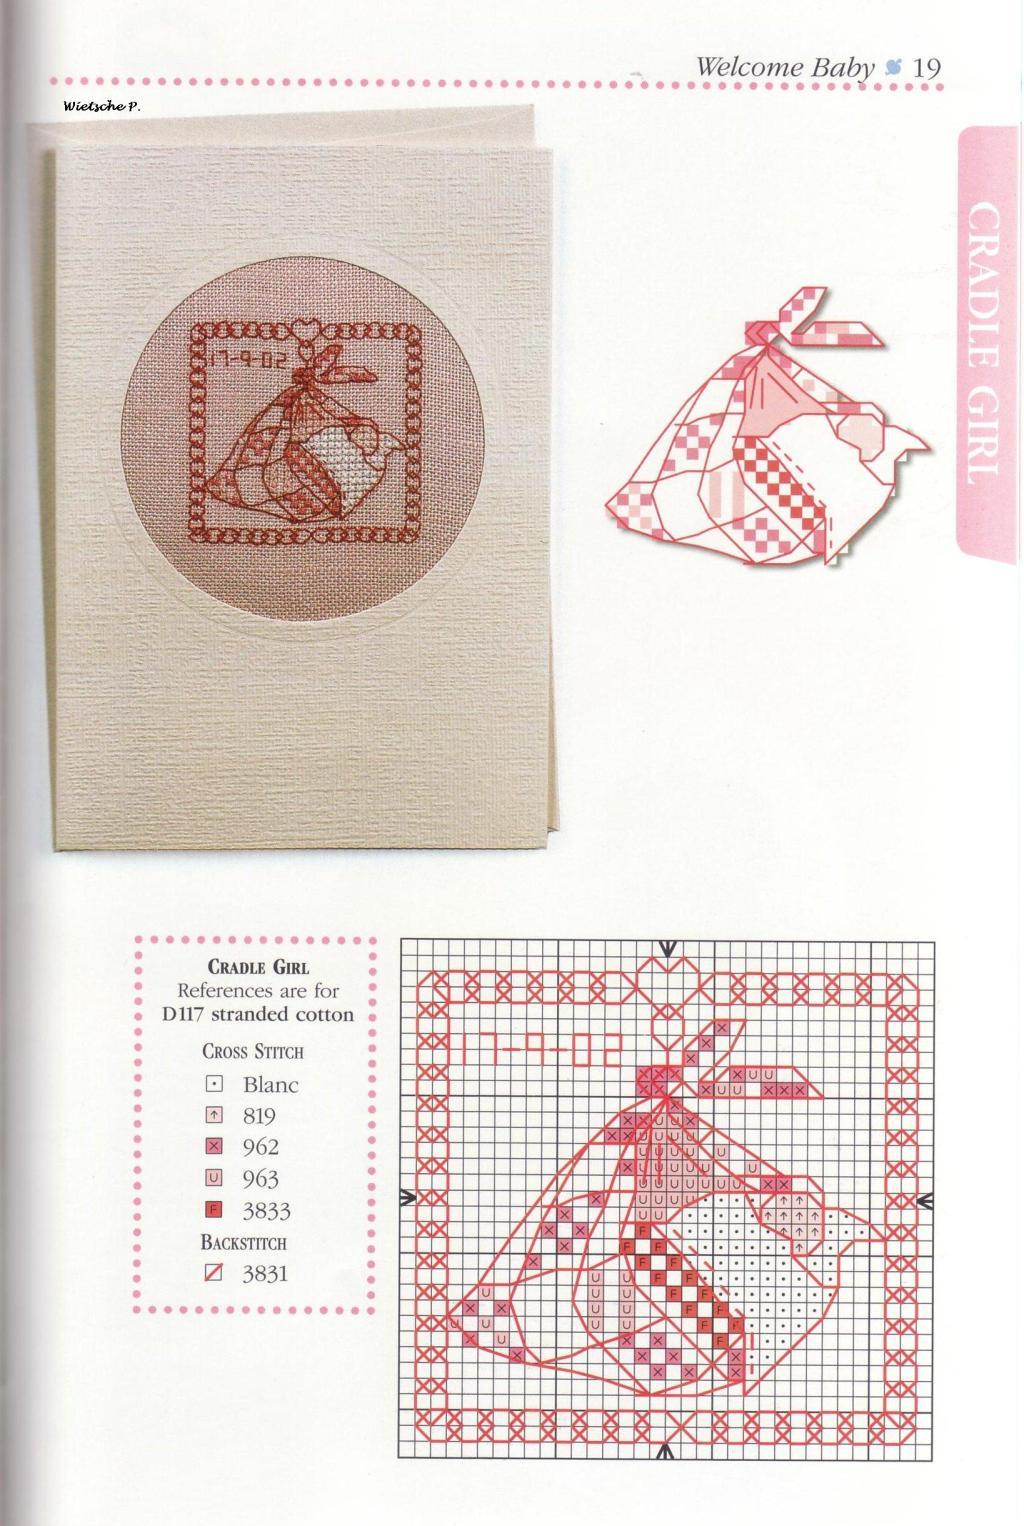 Рукодельки - идеи открытки для новорожденного - цветные схемы вышивки крестиком